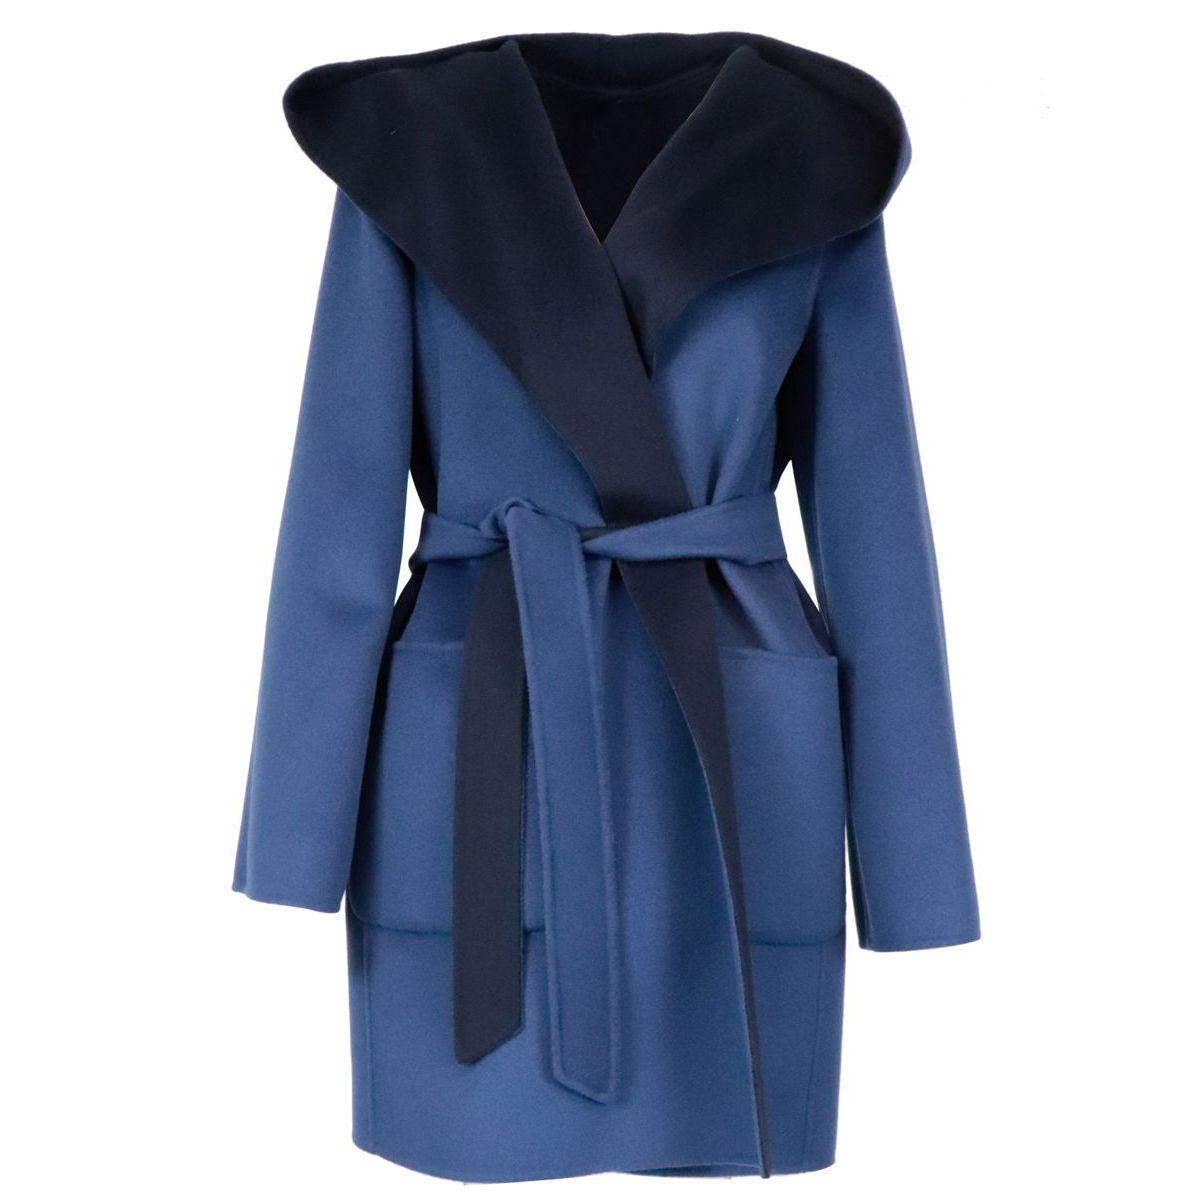 Candido reversible coat in pure wool Avio MAX MARA STUDIO